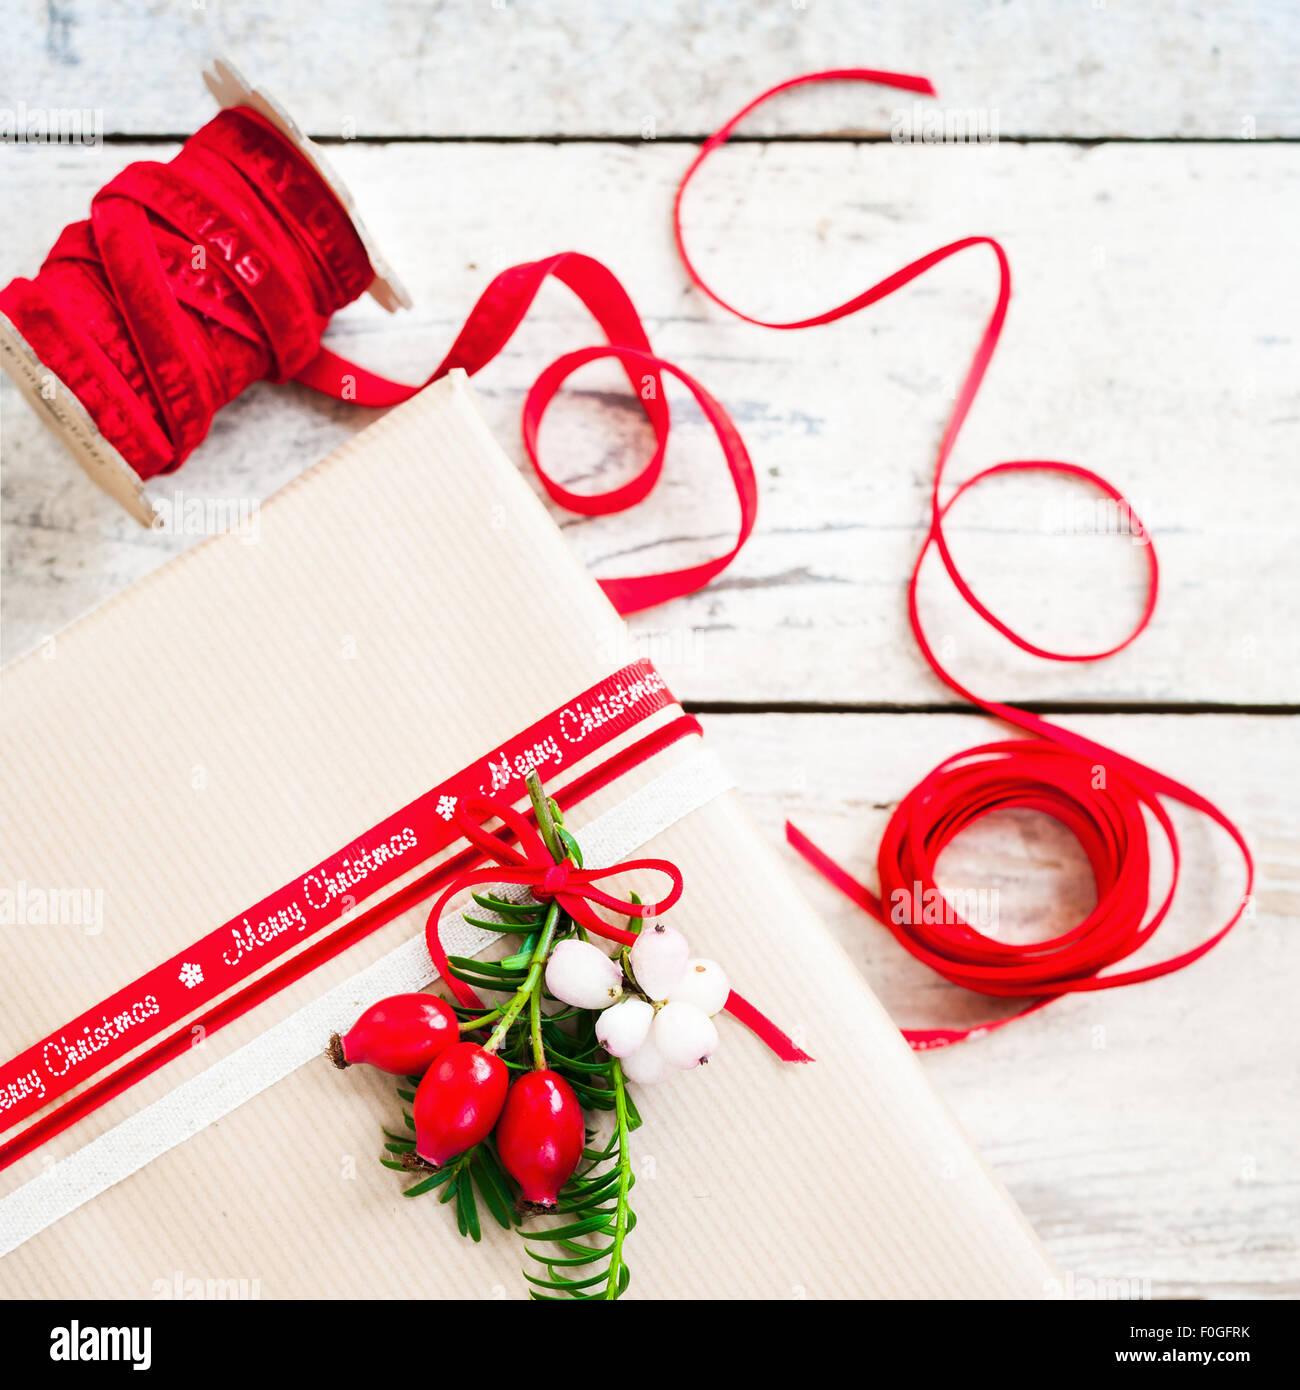 Regalo semplice avvolto con carta marrone e decorato con un nastro rosso e bacche Immagini Stock